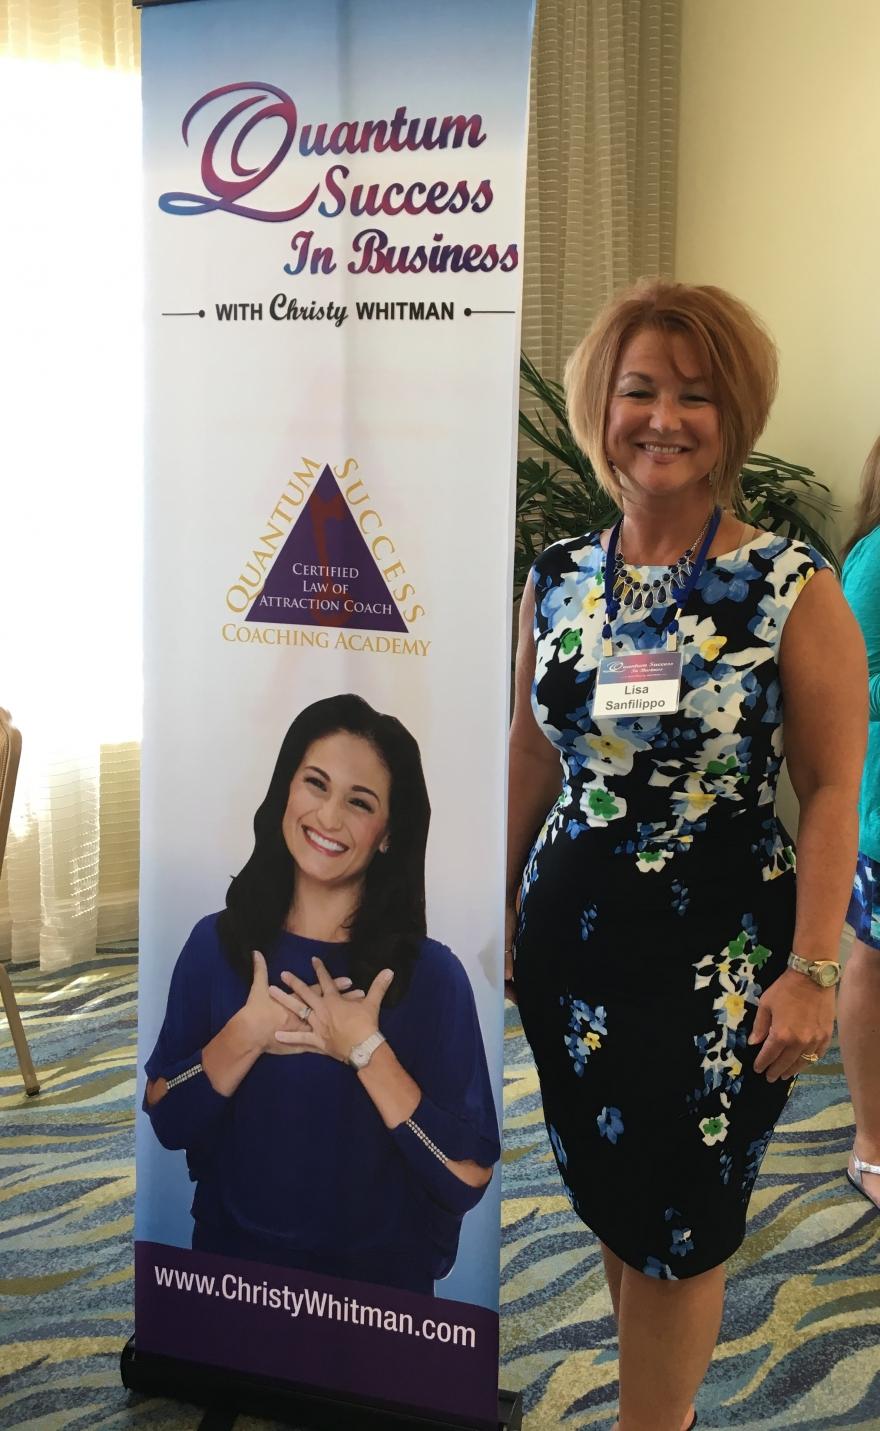 Lisa Sanfilippo Pic - Quantum Success in Business